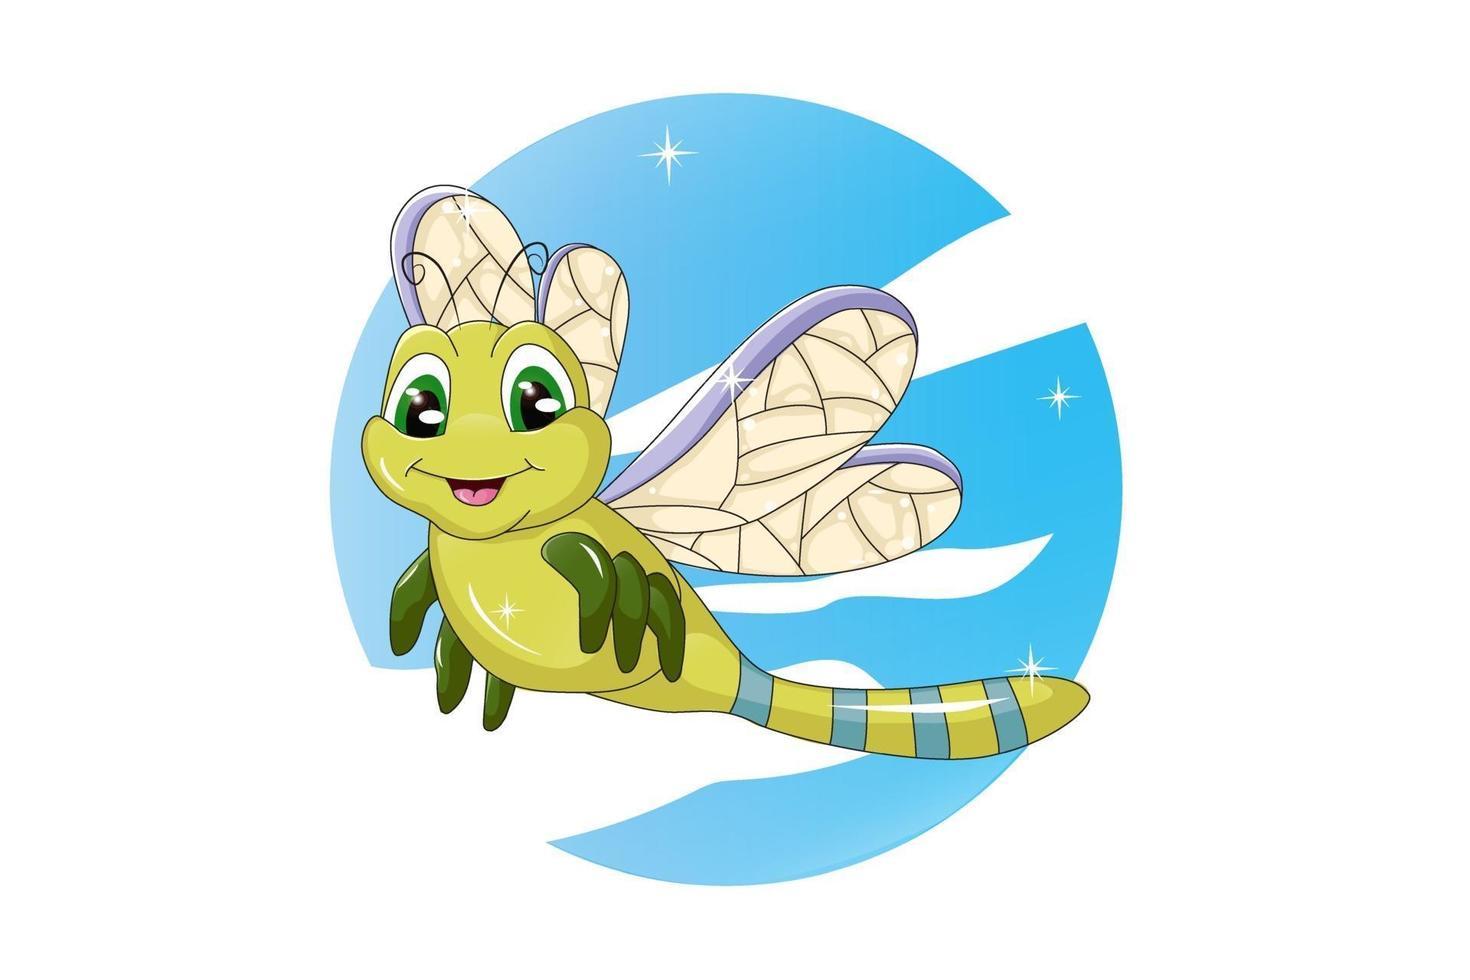 uma libélula verde, olhos verdes e asas roxas amarelas com fundo do céu, desenho animal cartoon ilustração vetorial vetor